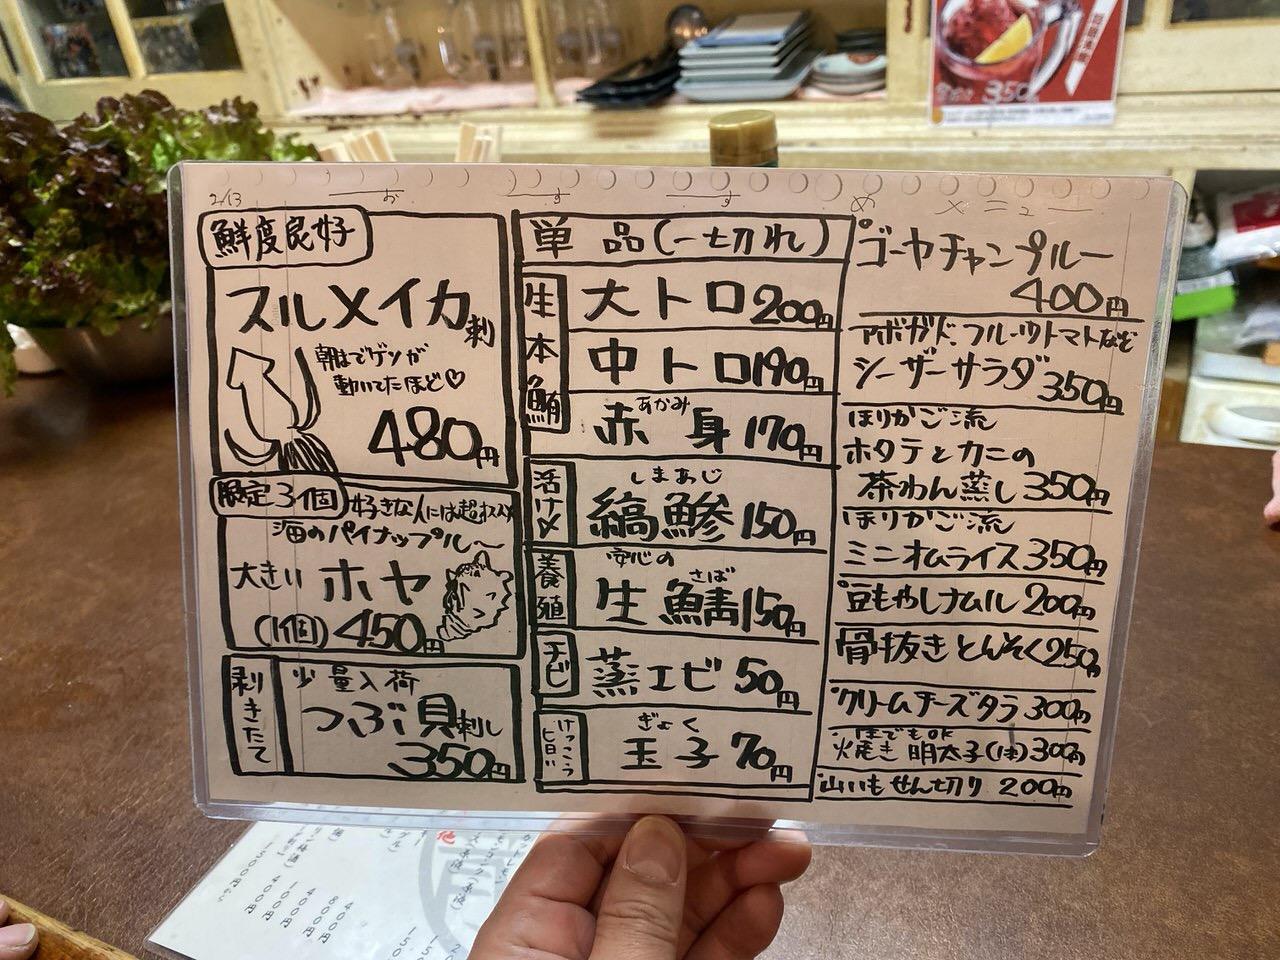 「ほりかご」居酒屋(板橋)5 メニュー